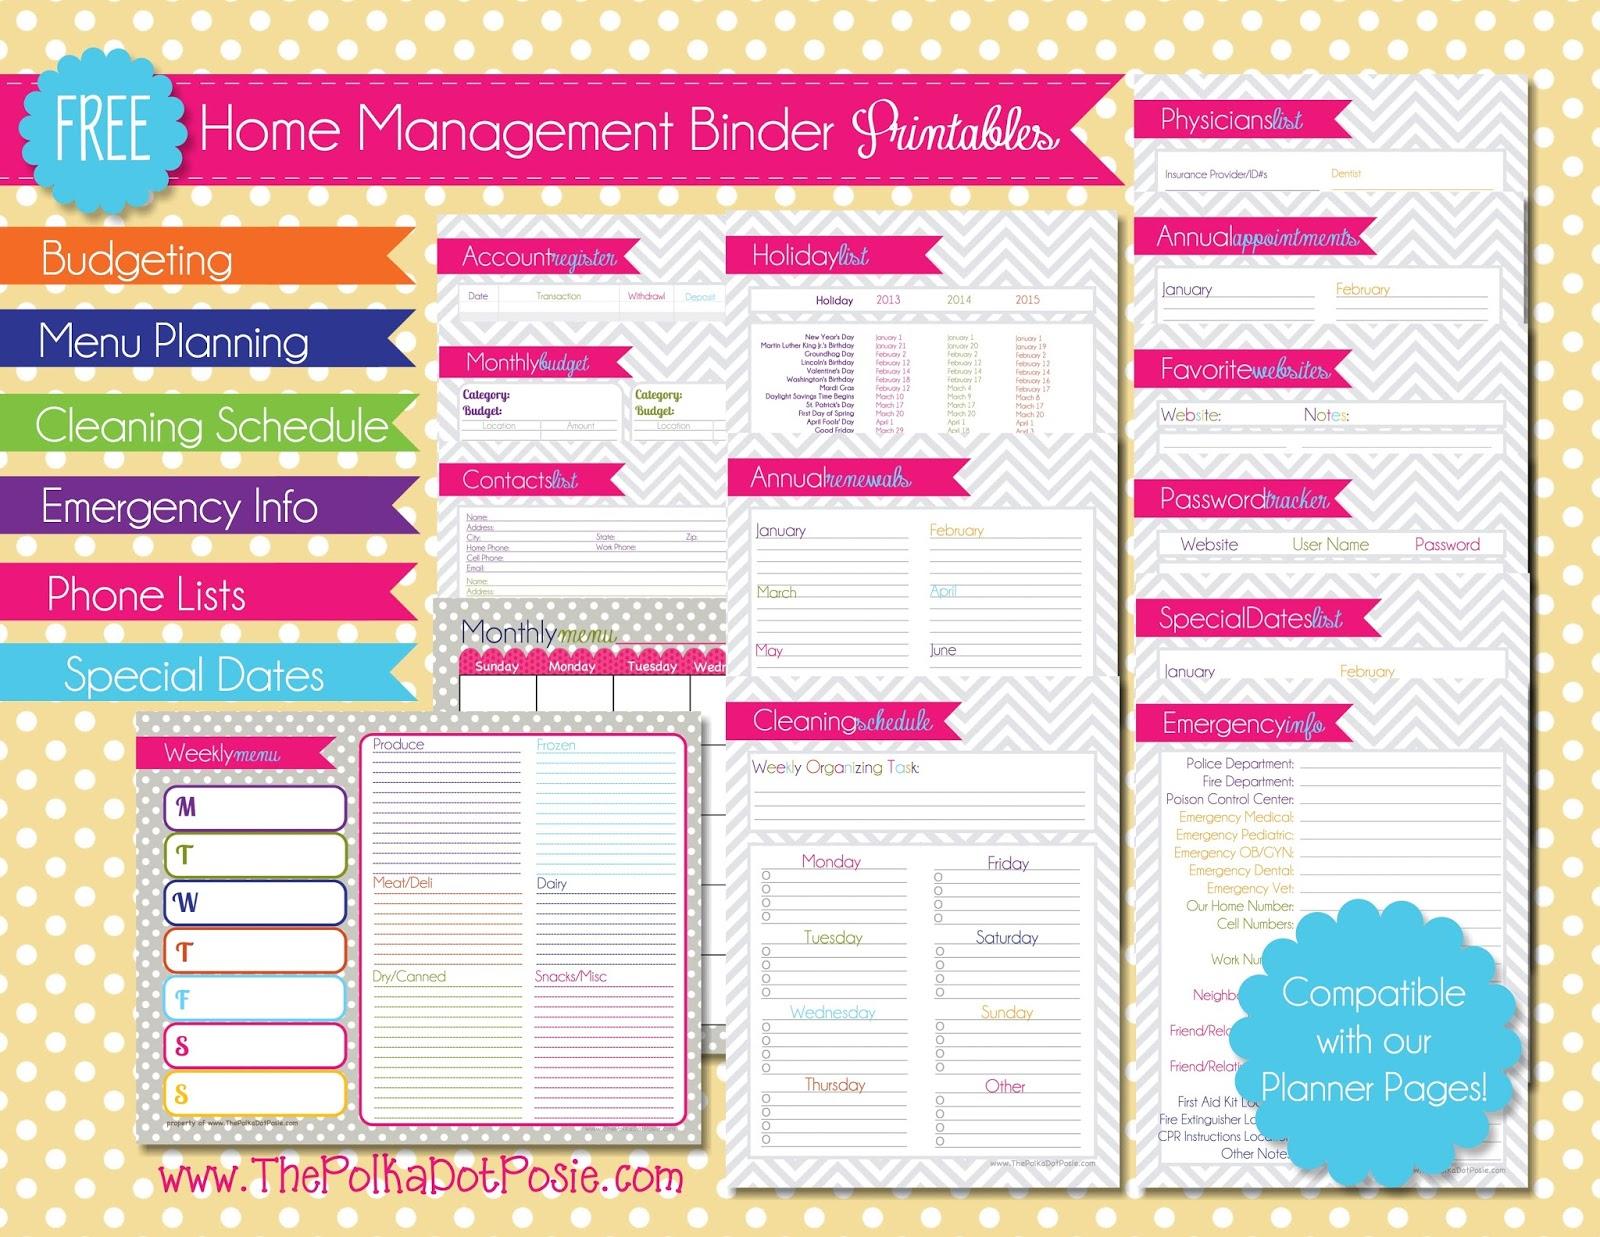 8 Best Images Of Home Management Binder Printables